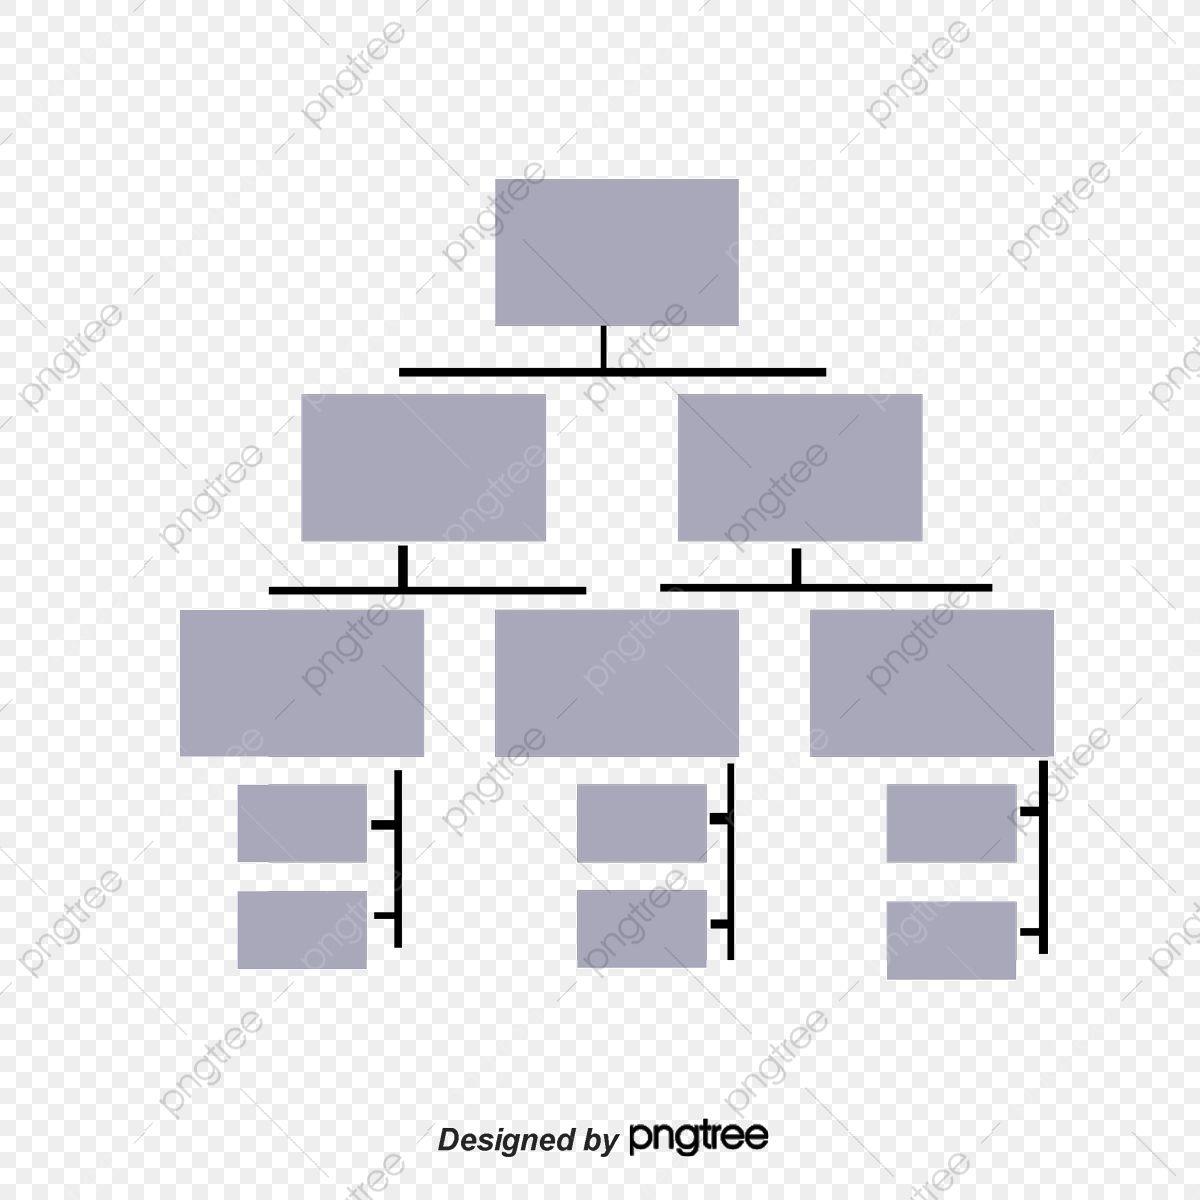 Gambar Syarikat Organisasi Carta Kerangka Organisasi Maklumat Asas Syarikat Mengubah Bentuk Png Dan Psd Untuk Muat Turun Percuma One Piece Drawing Organizational Chart Chart